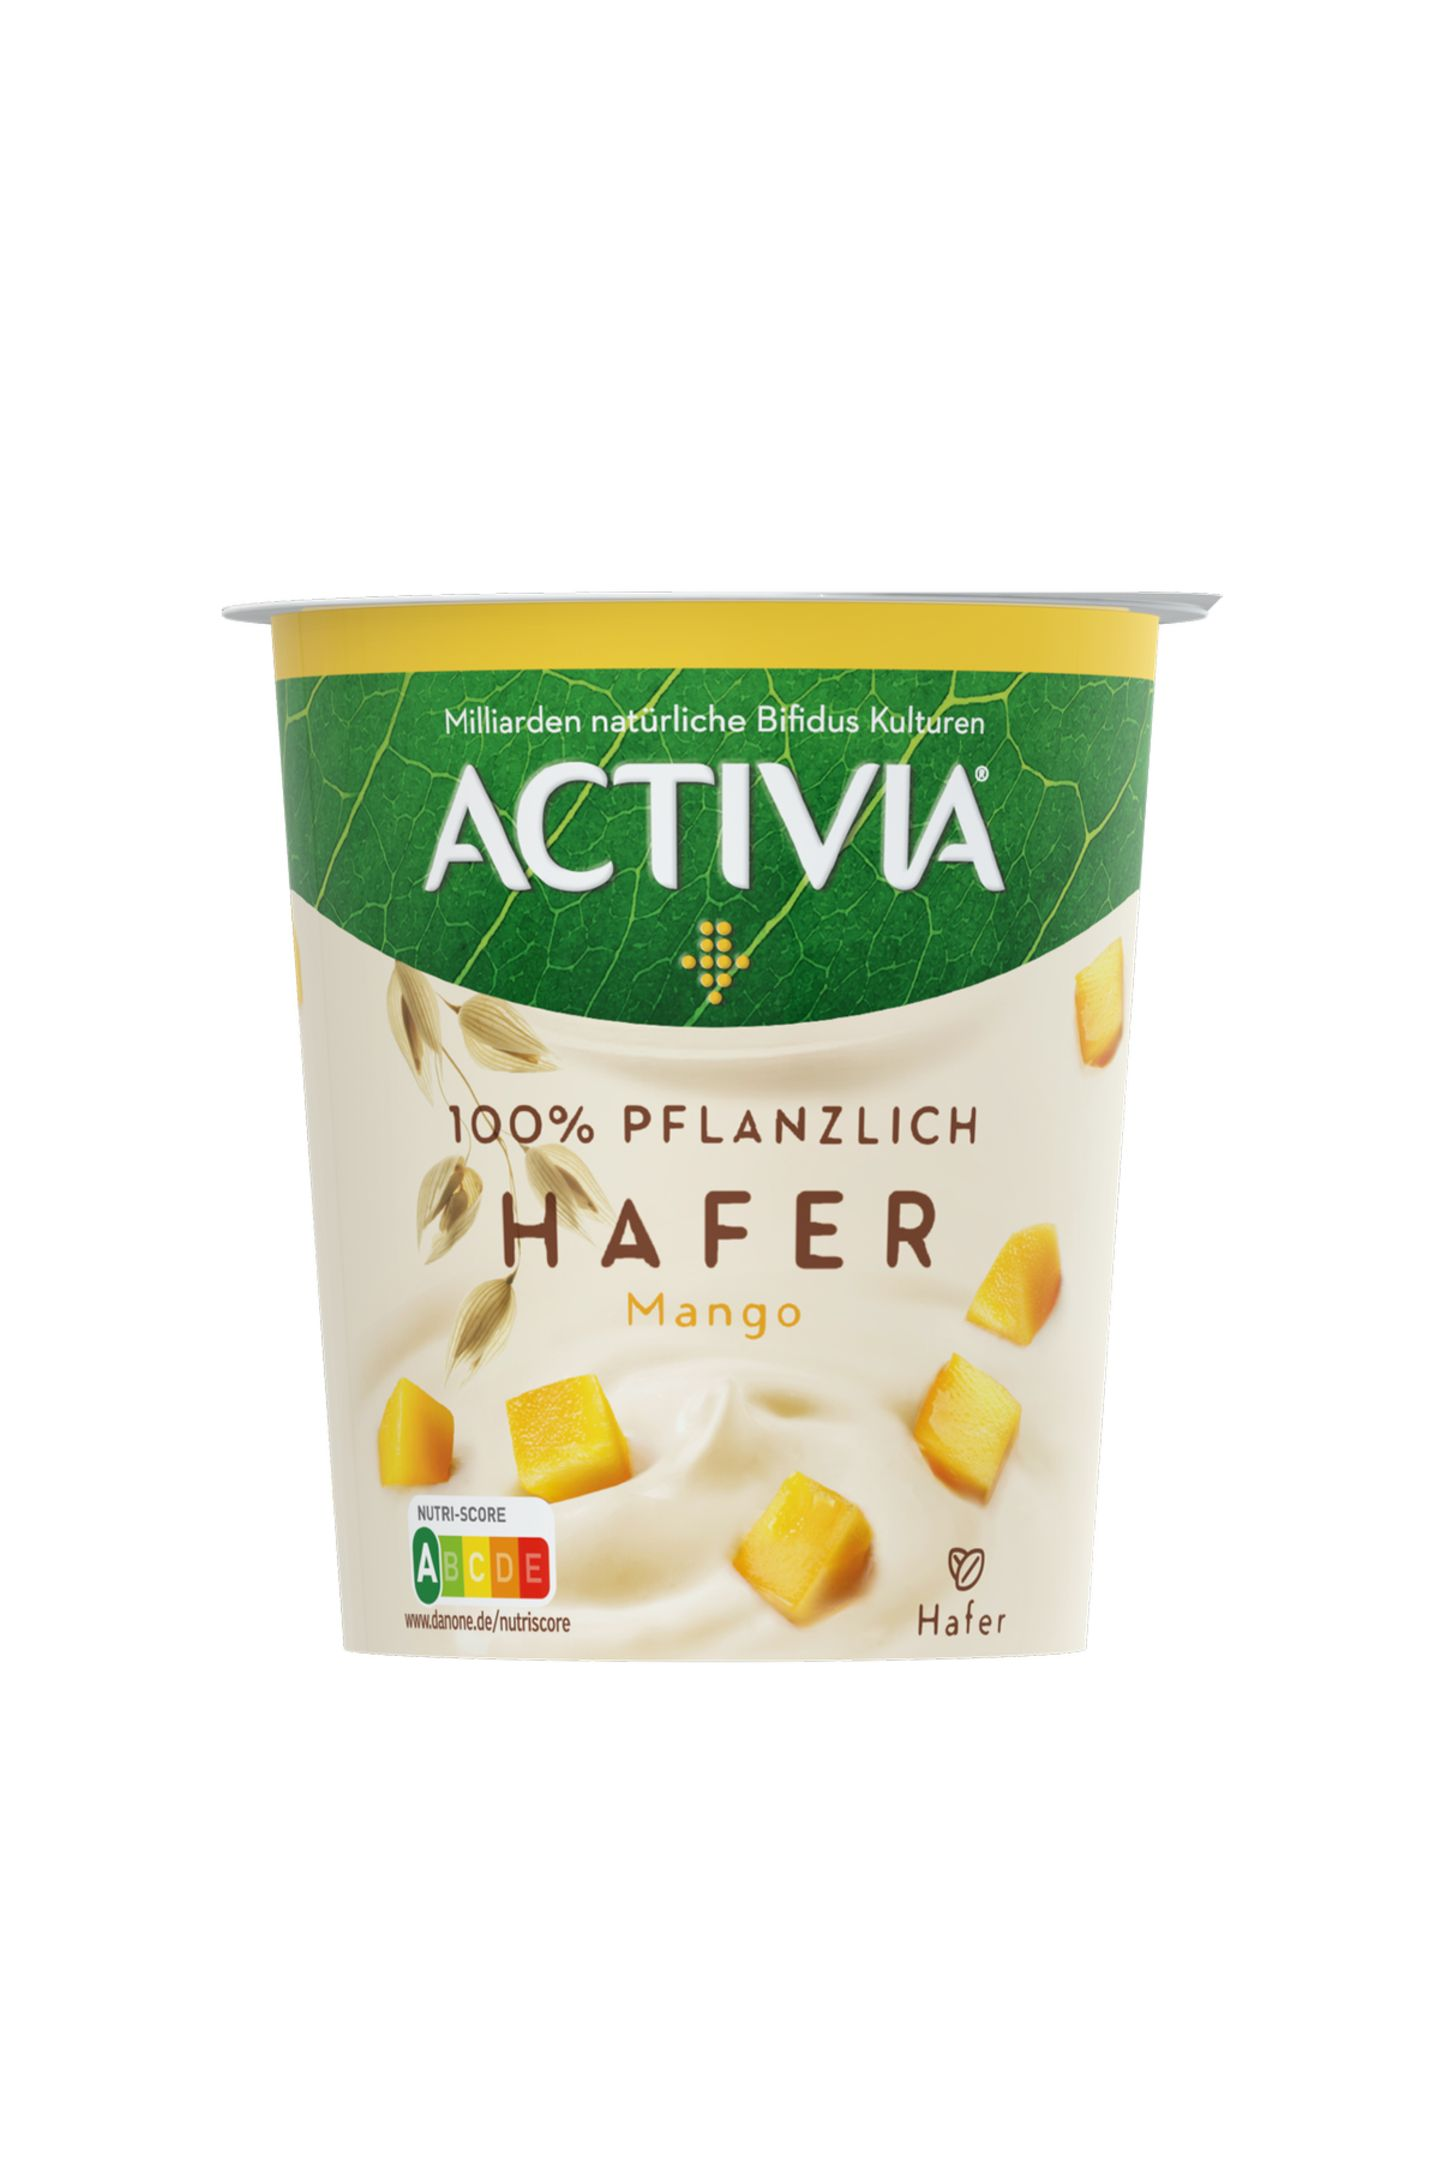 """Pflanzlicher LieblingWohltuende BifidusKulturen und der fruchtig-frische Geschmack von Mango sorgen beim kleinen Snack zwischendurch für gute Laune. """"Activia 100% Pflanzlich Hafer"""" von Danone, ca. 2 Euro (340 Gramm)"""